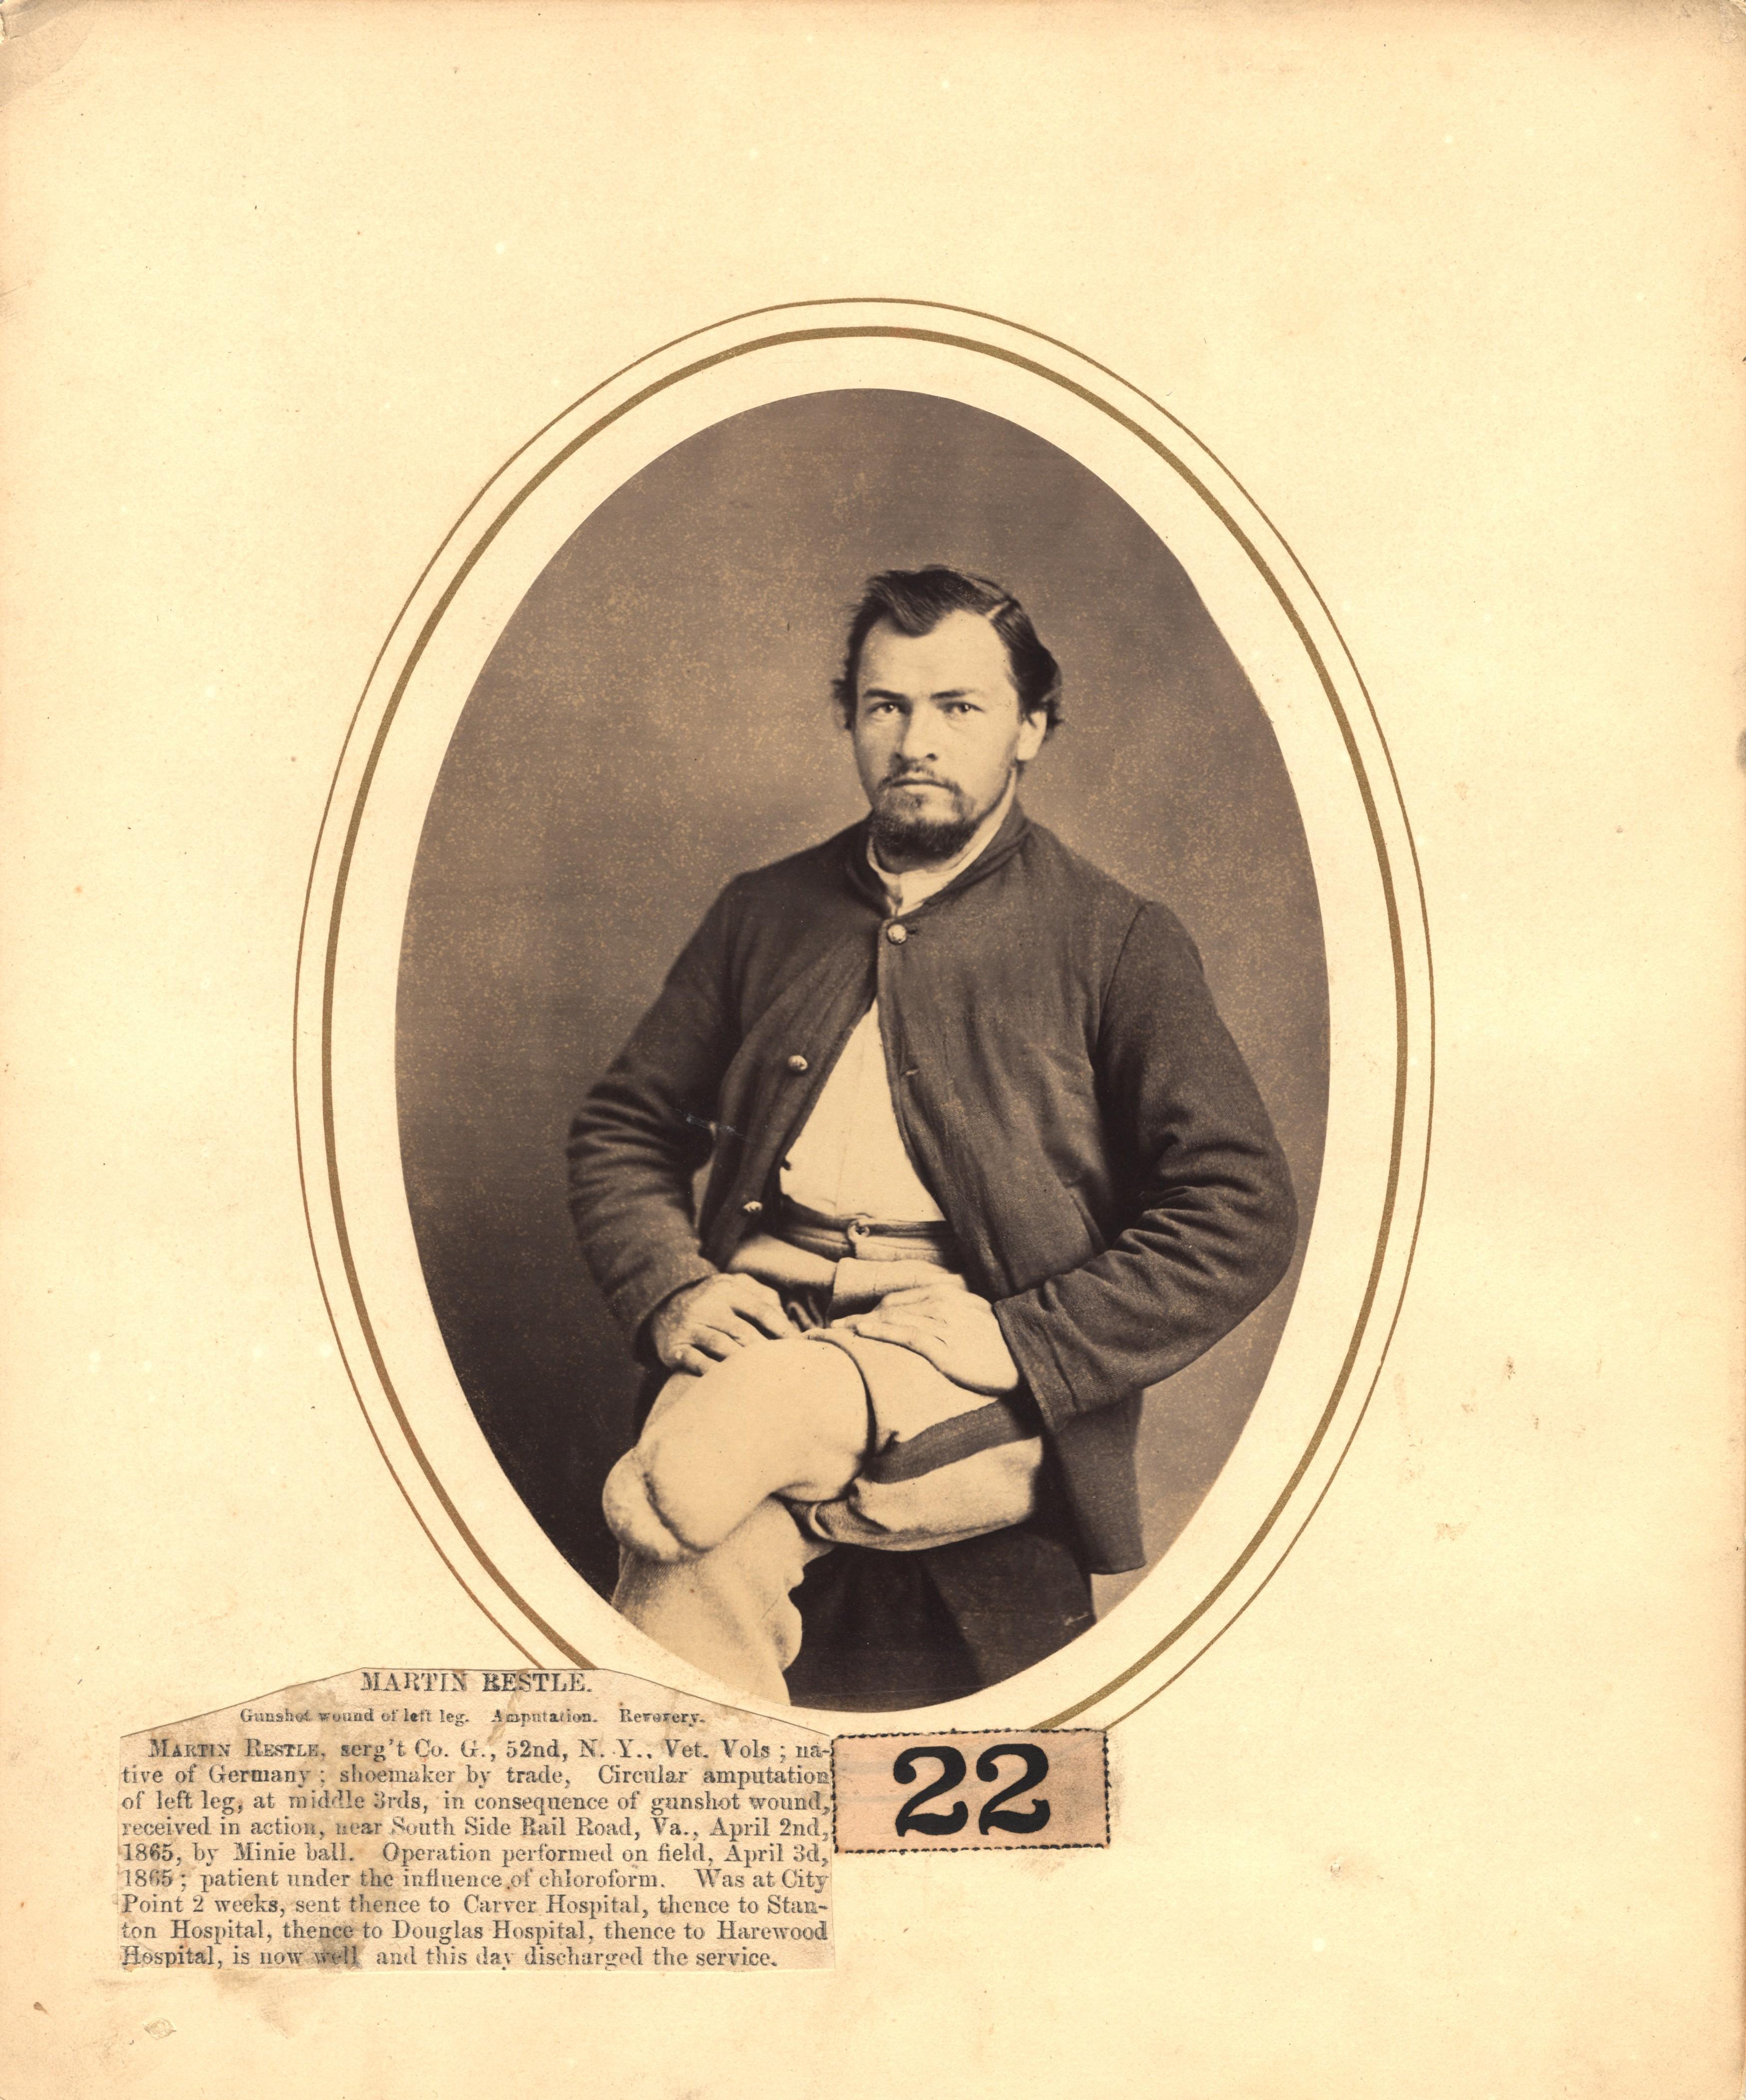 Fotó: Reed B. Bontecou: Martin Restle, 1865. április 2-án sebesült meg a South Sidei vasútvonal közelében, The National Library of Medicine